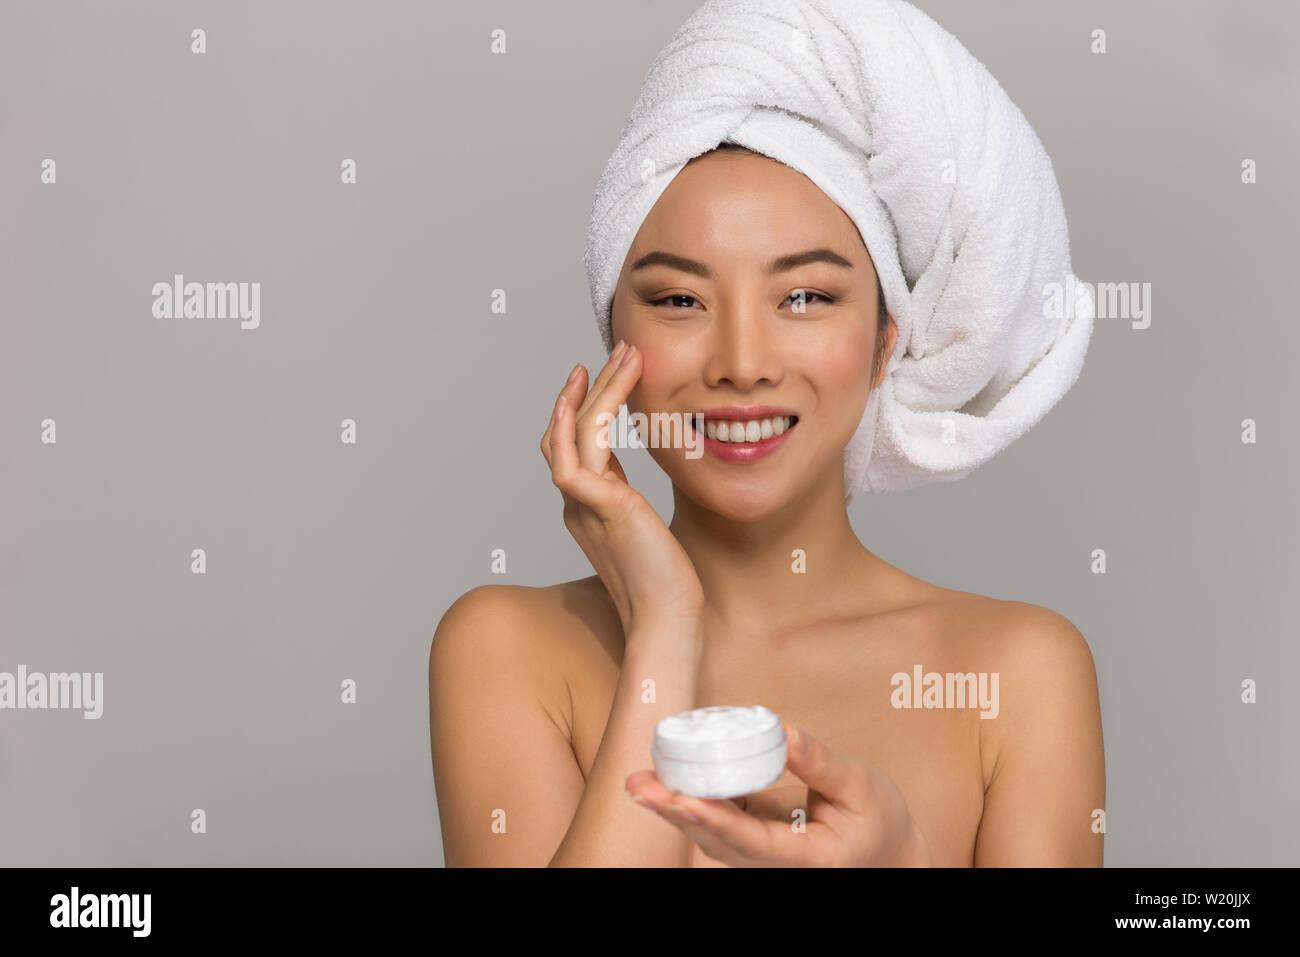 Hermosa mujer asiática retratos de belleza. Niña china de pie frente al espejo y teniendo cuidado de su mirar fotografías de estudio de belleza. Foto de stock